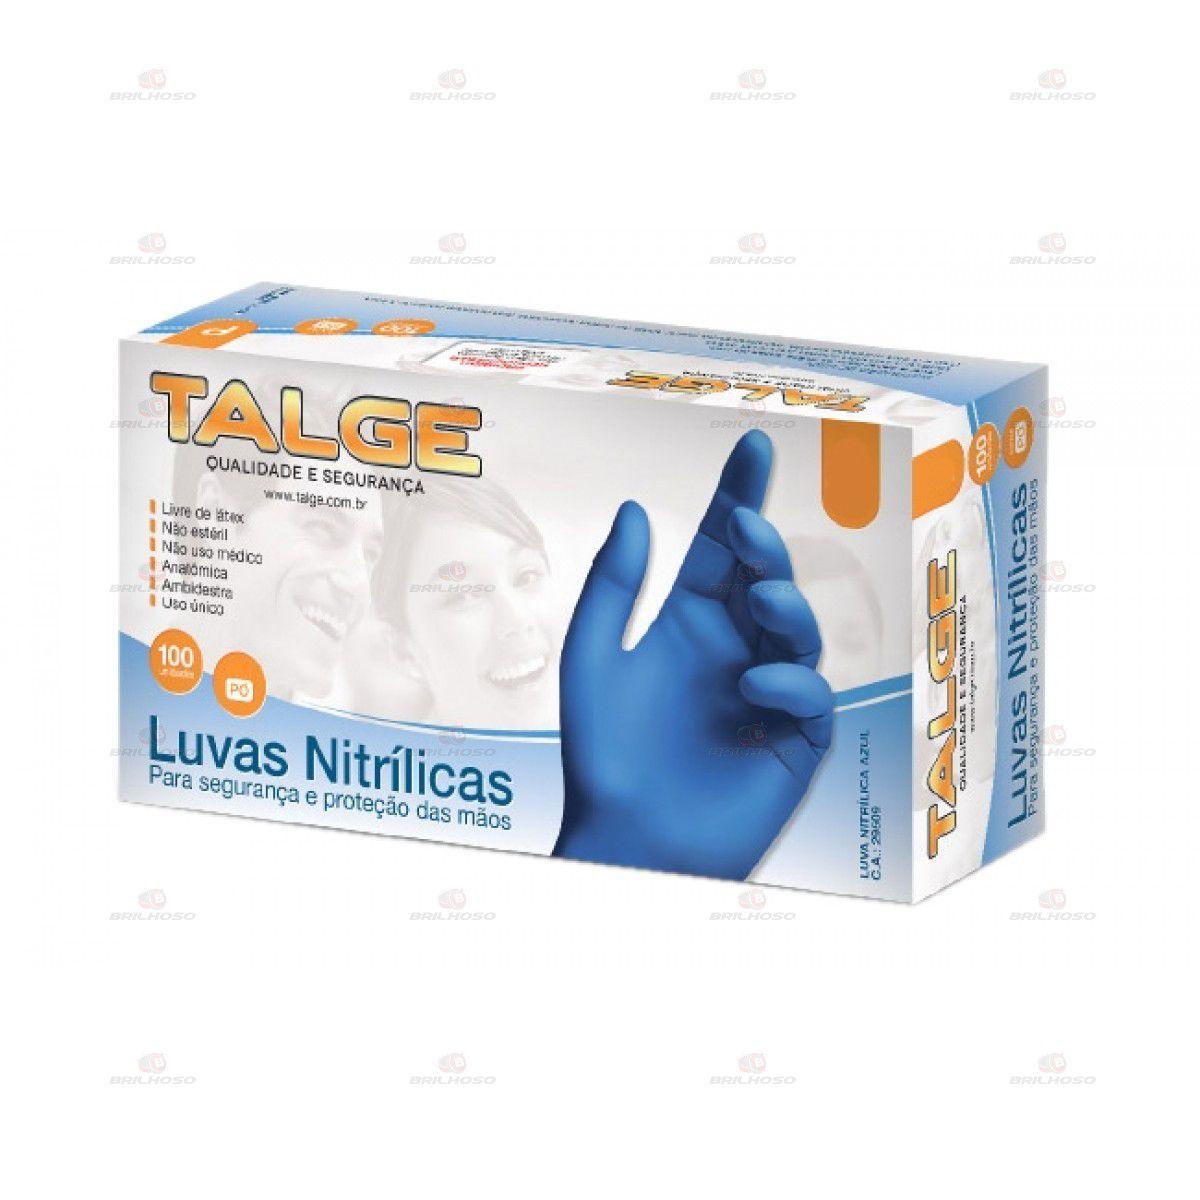 Luva Nitrilica Azul sem pó Talge Média caixa com 1000 unidades